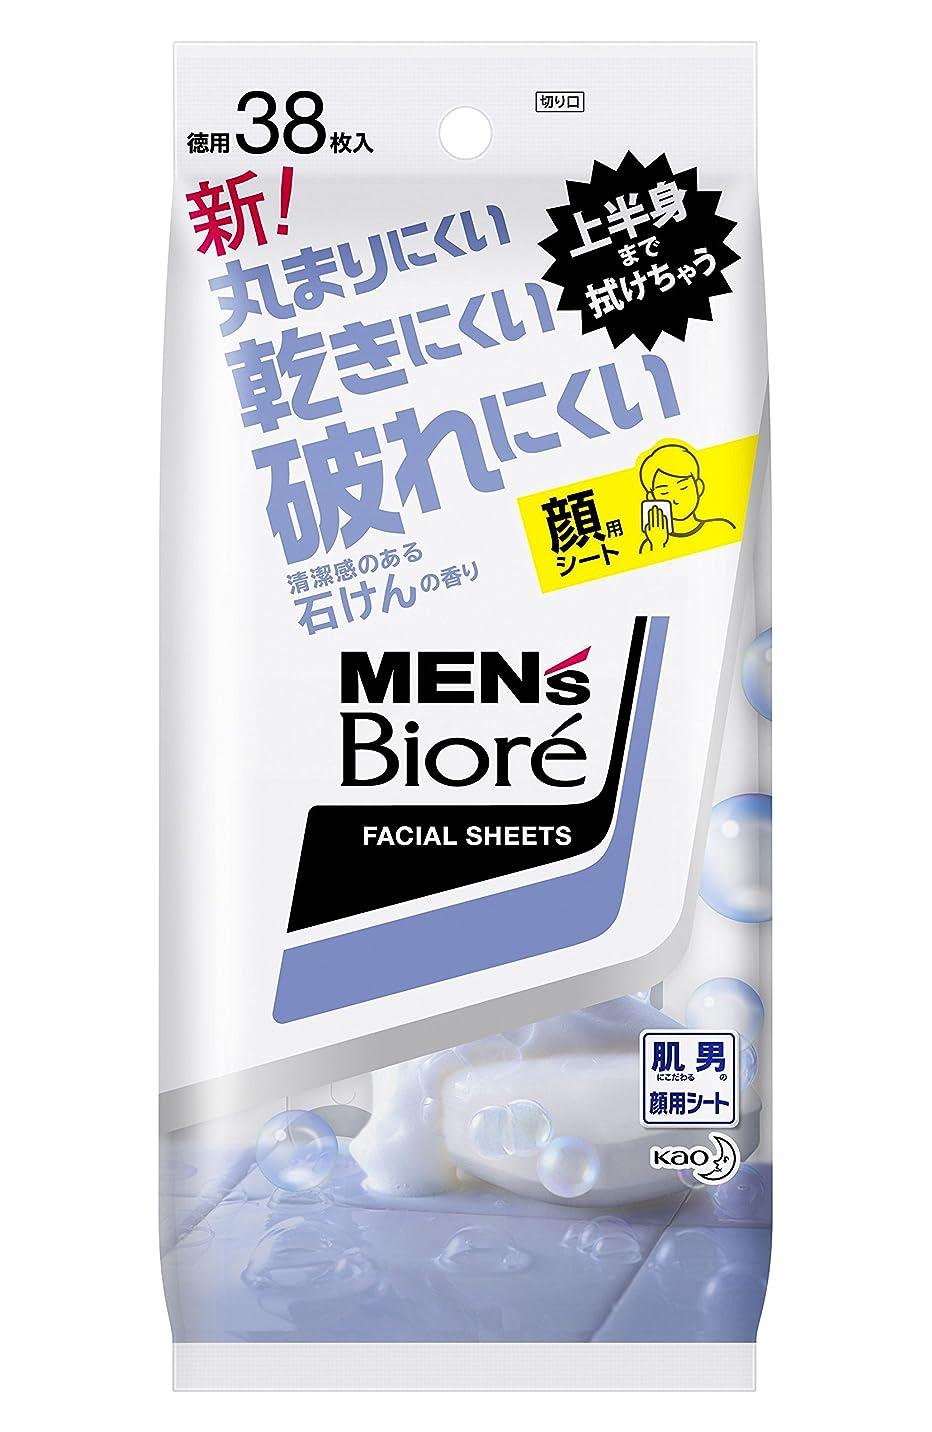 ポジション決めます感じるメンズビオレ 洗顔シート 清潔感のある石けんの香り <卓上タイプ> 38枚入